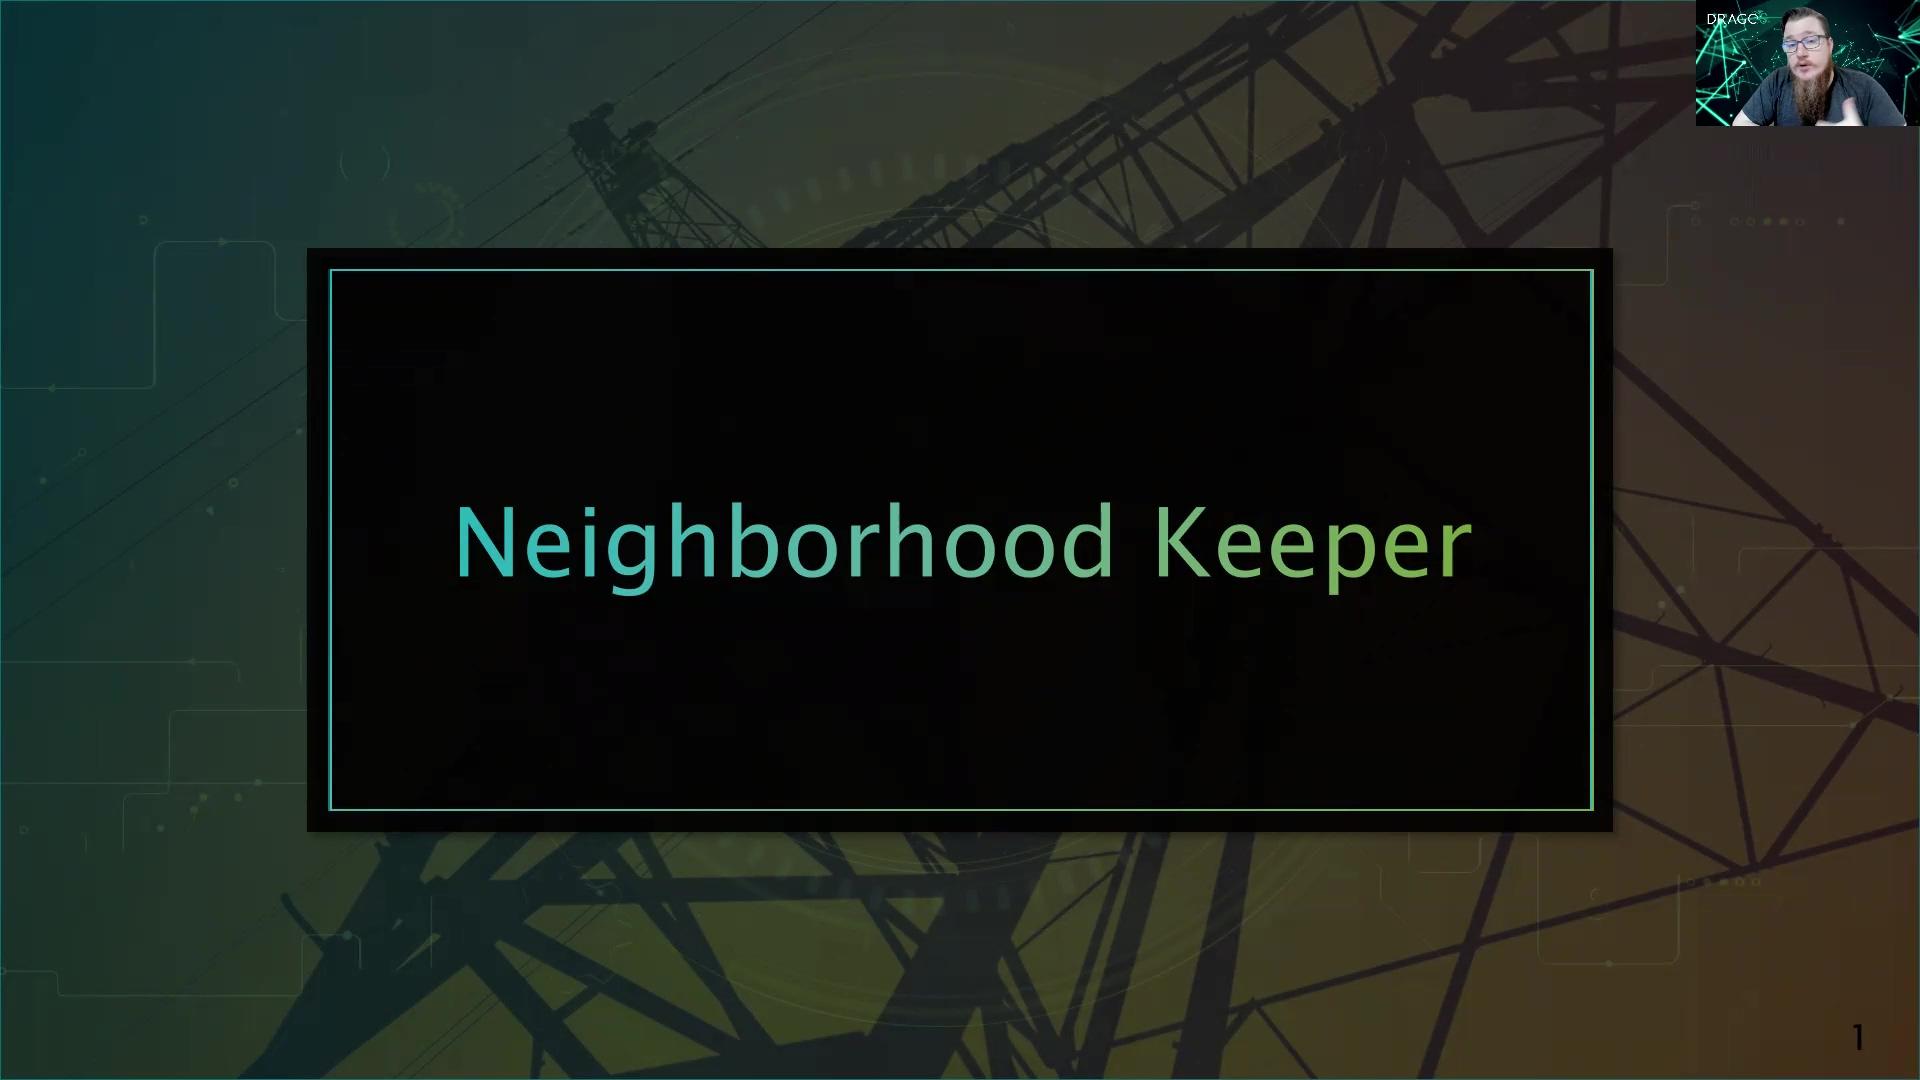 Neighborhood Keeper Short Pitch